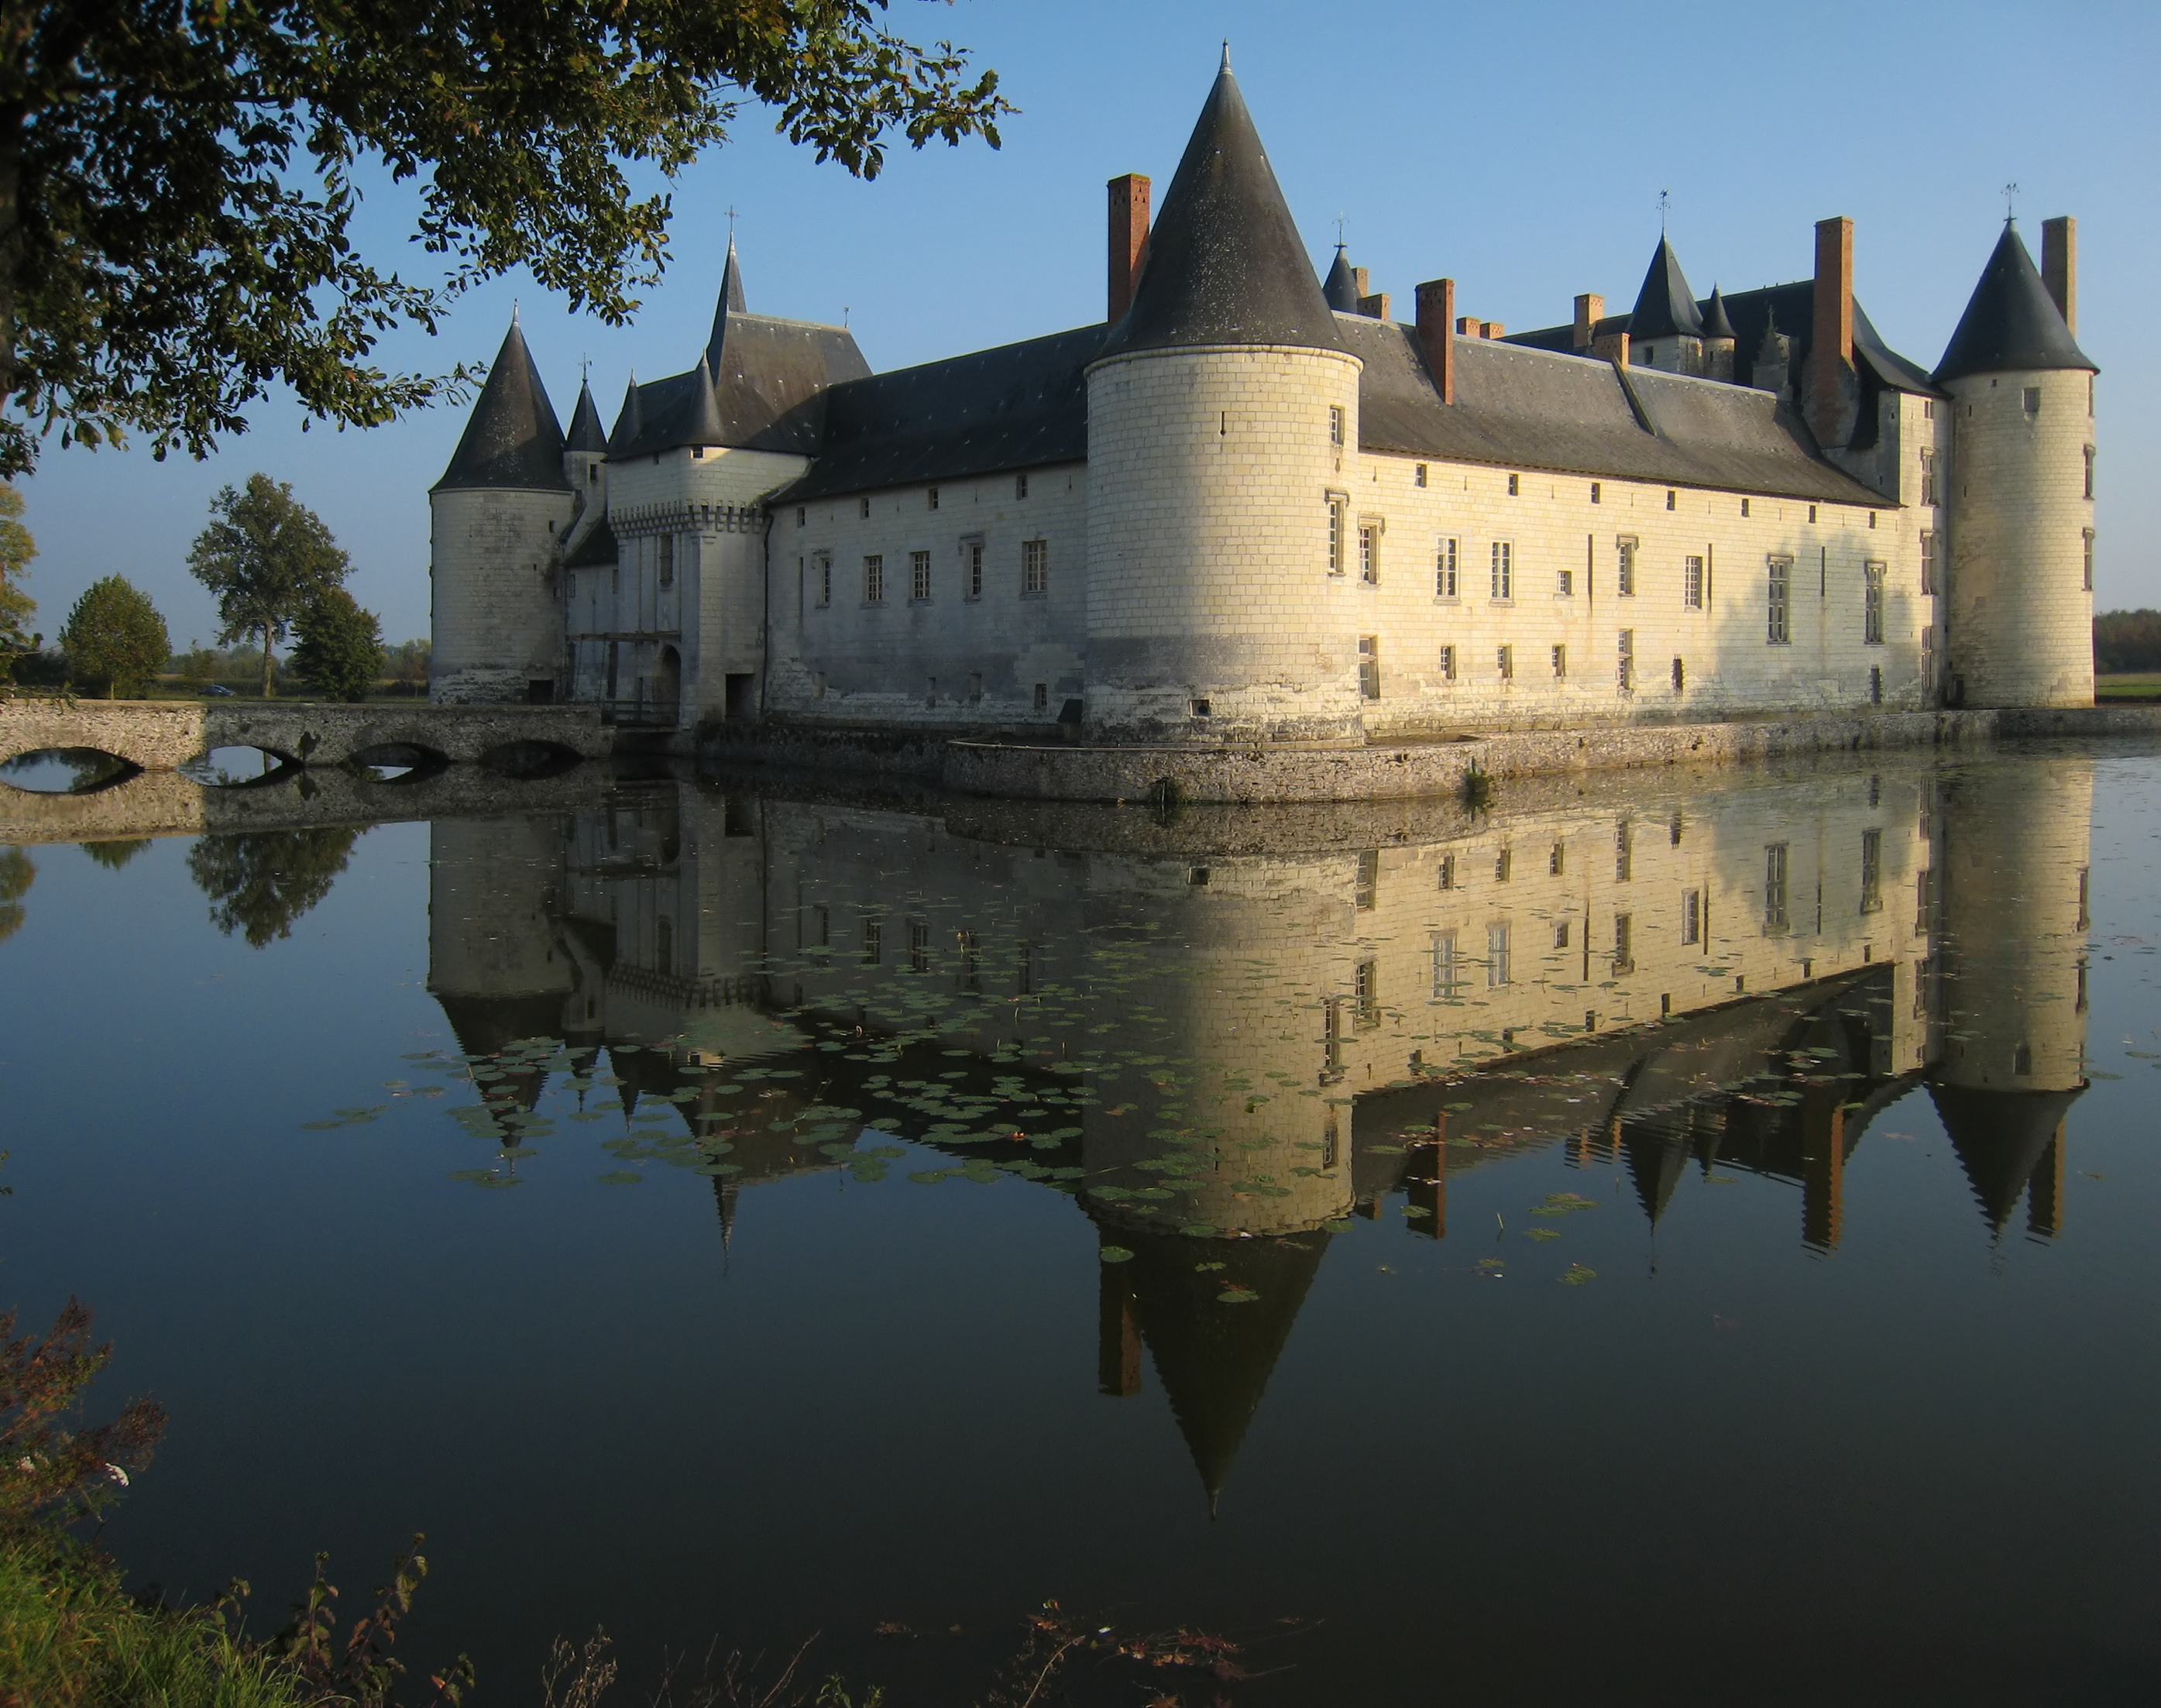 Château du Plessis Bourré